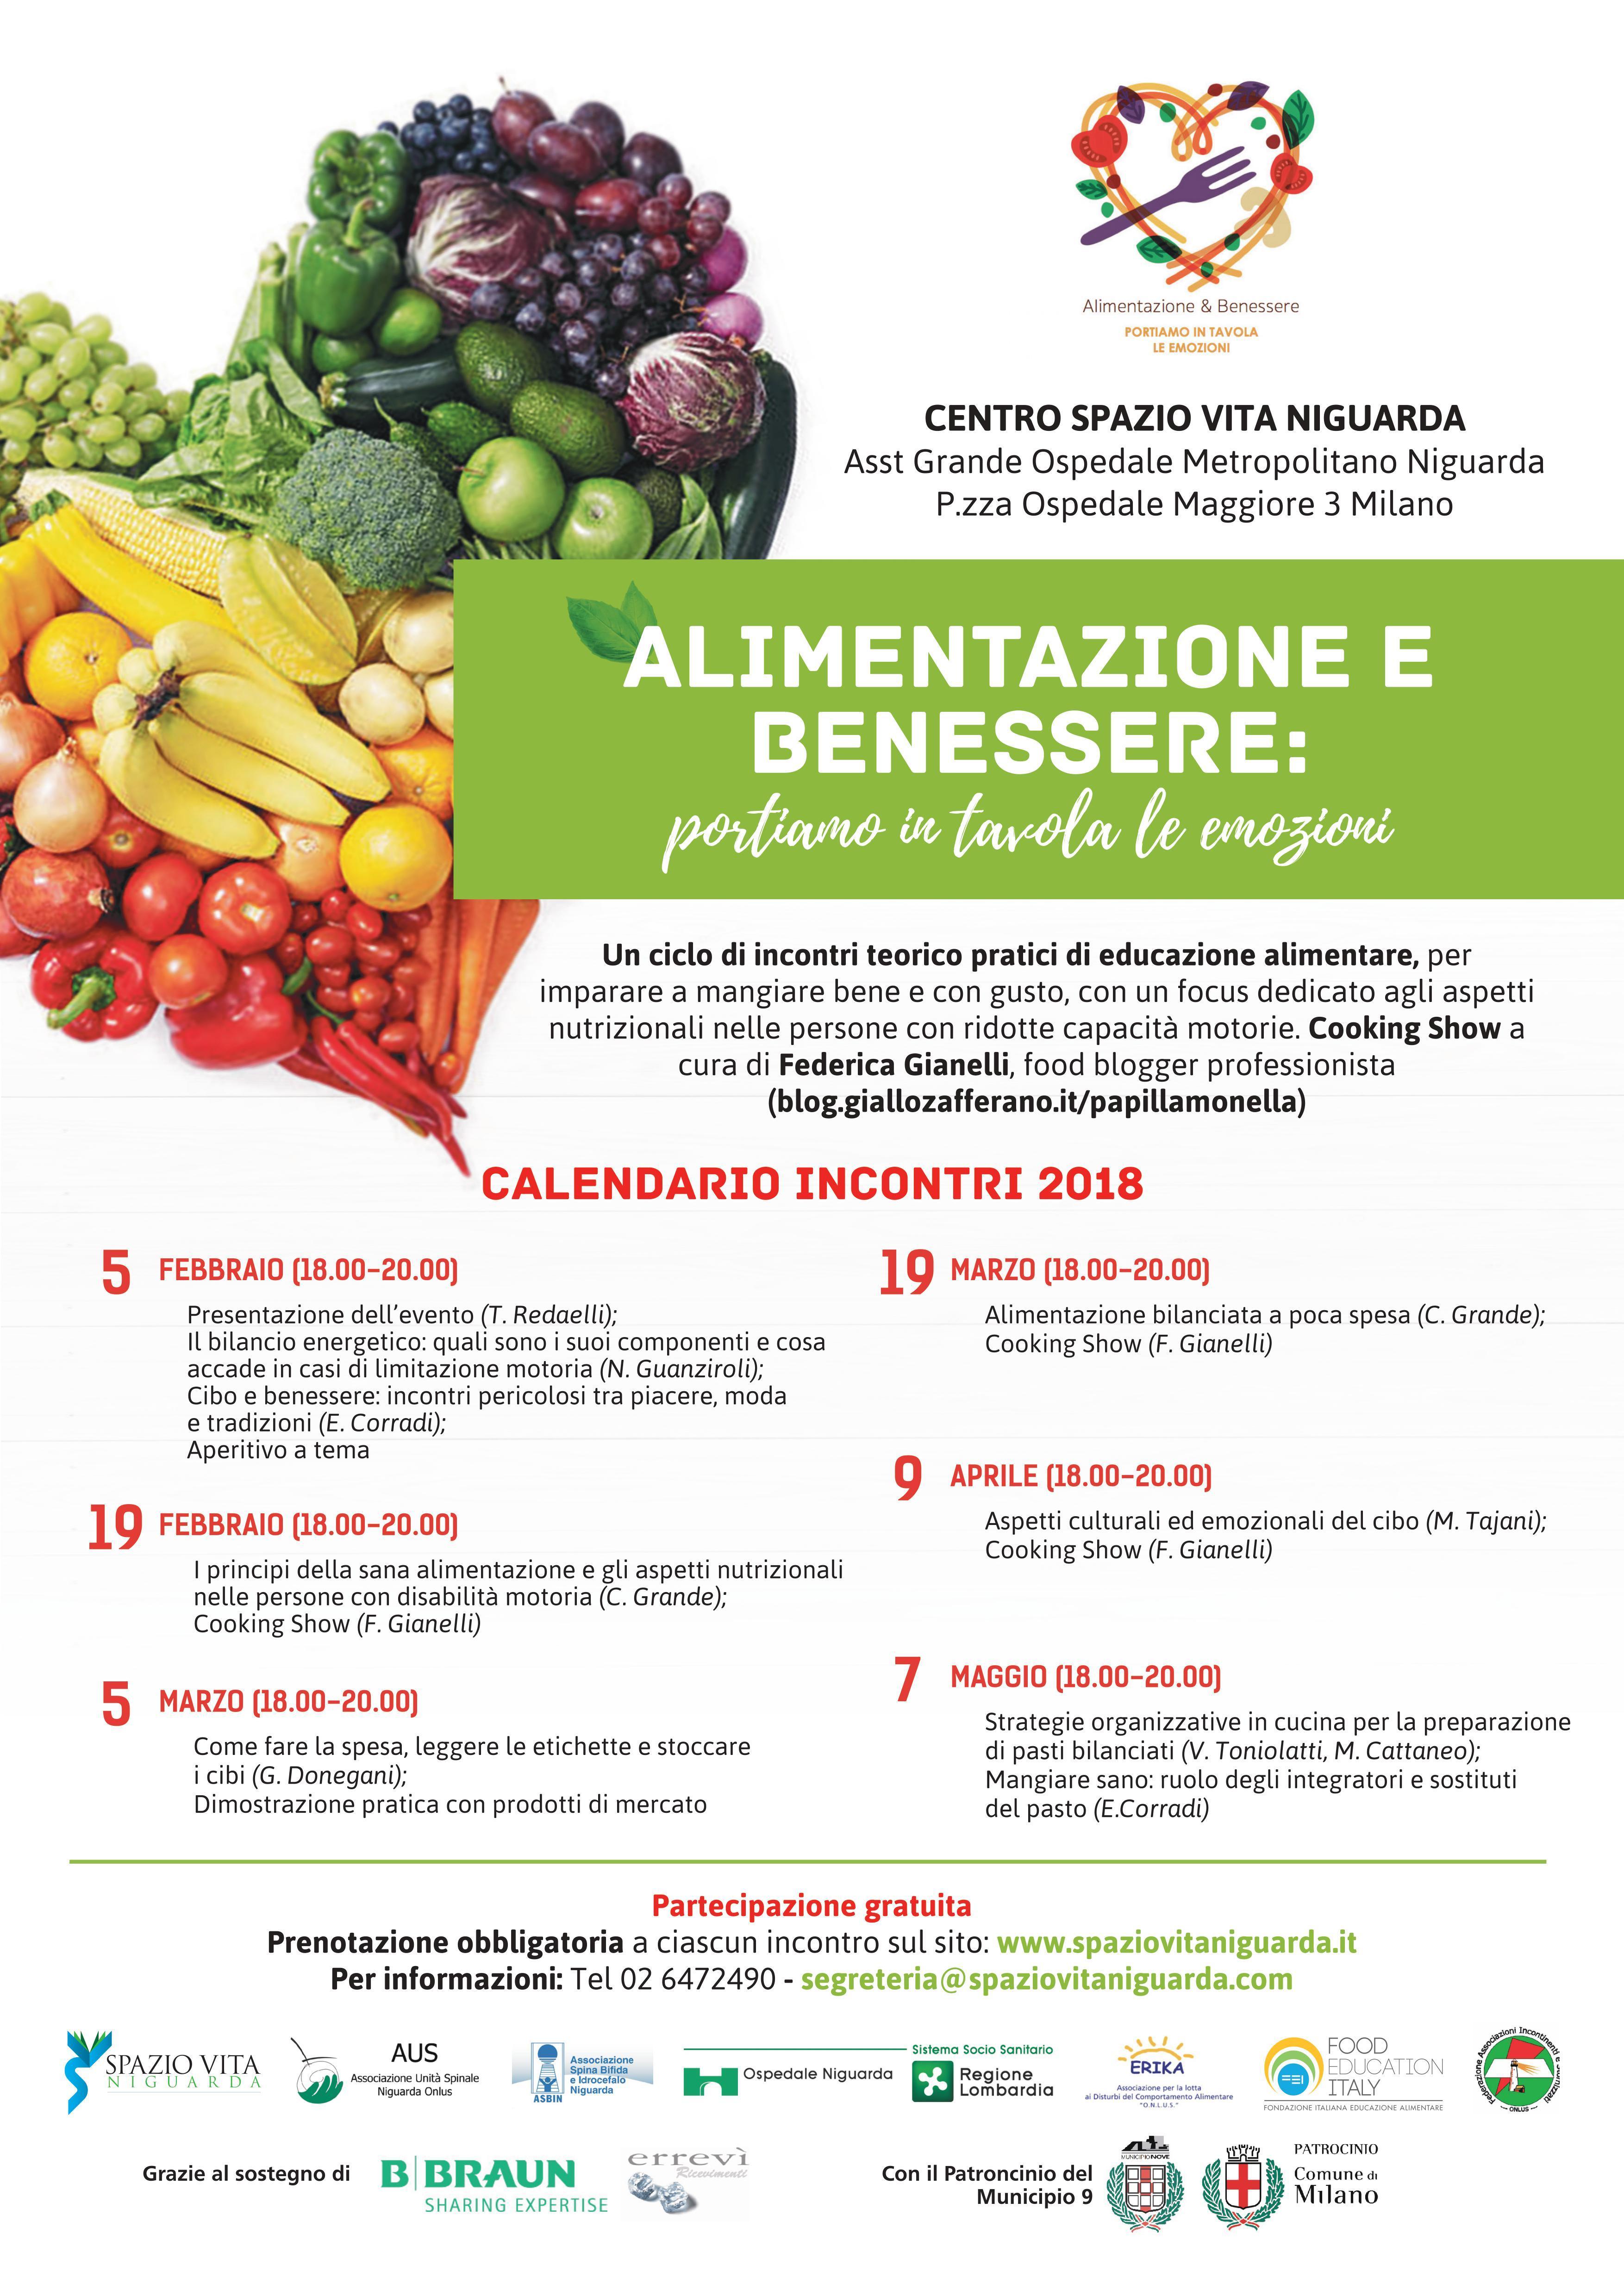 Alimentazione e benessere: portiamo in tavola